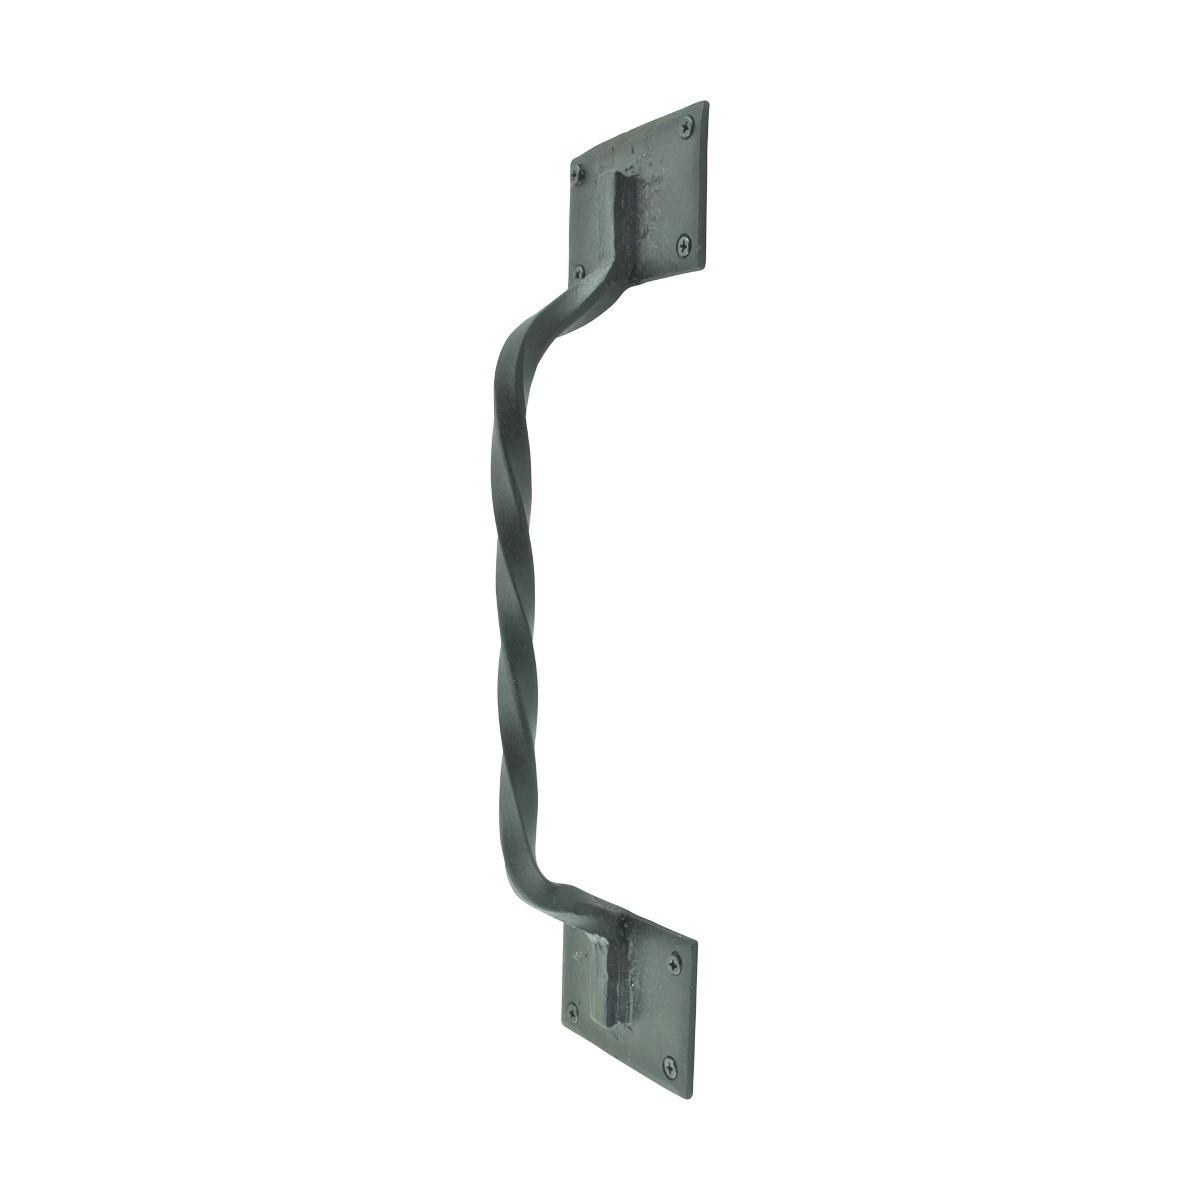 Wrought Iron Door Pull Twist Black Rustproof Finish Wrought Iron Door Pulls Black Door Pulls Antique Door Pulls For Cabinets